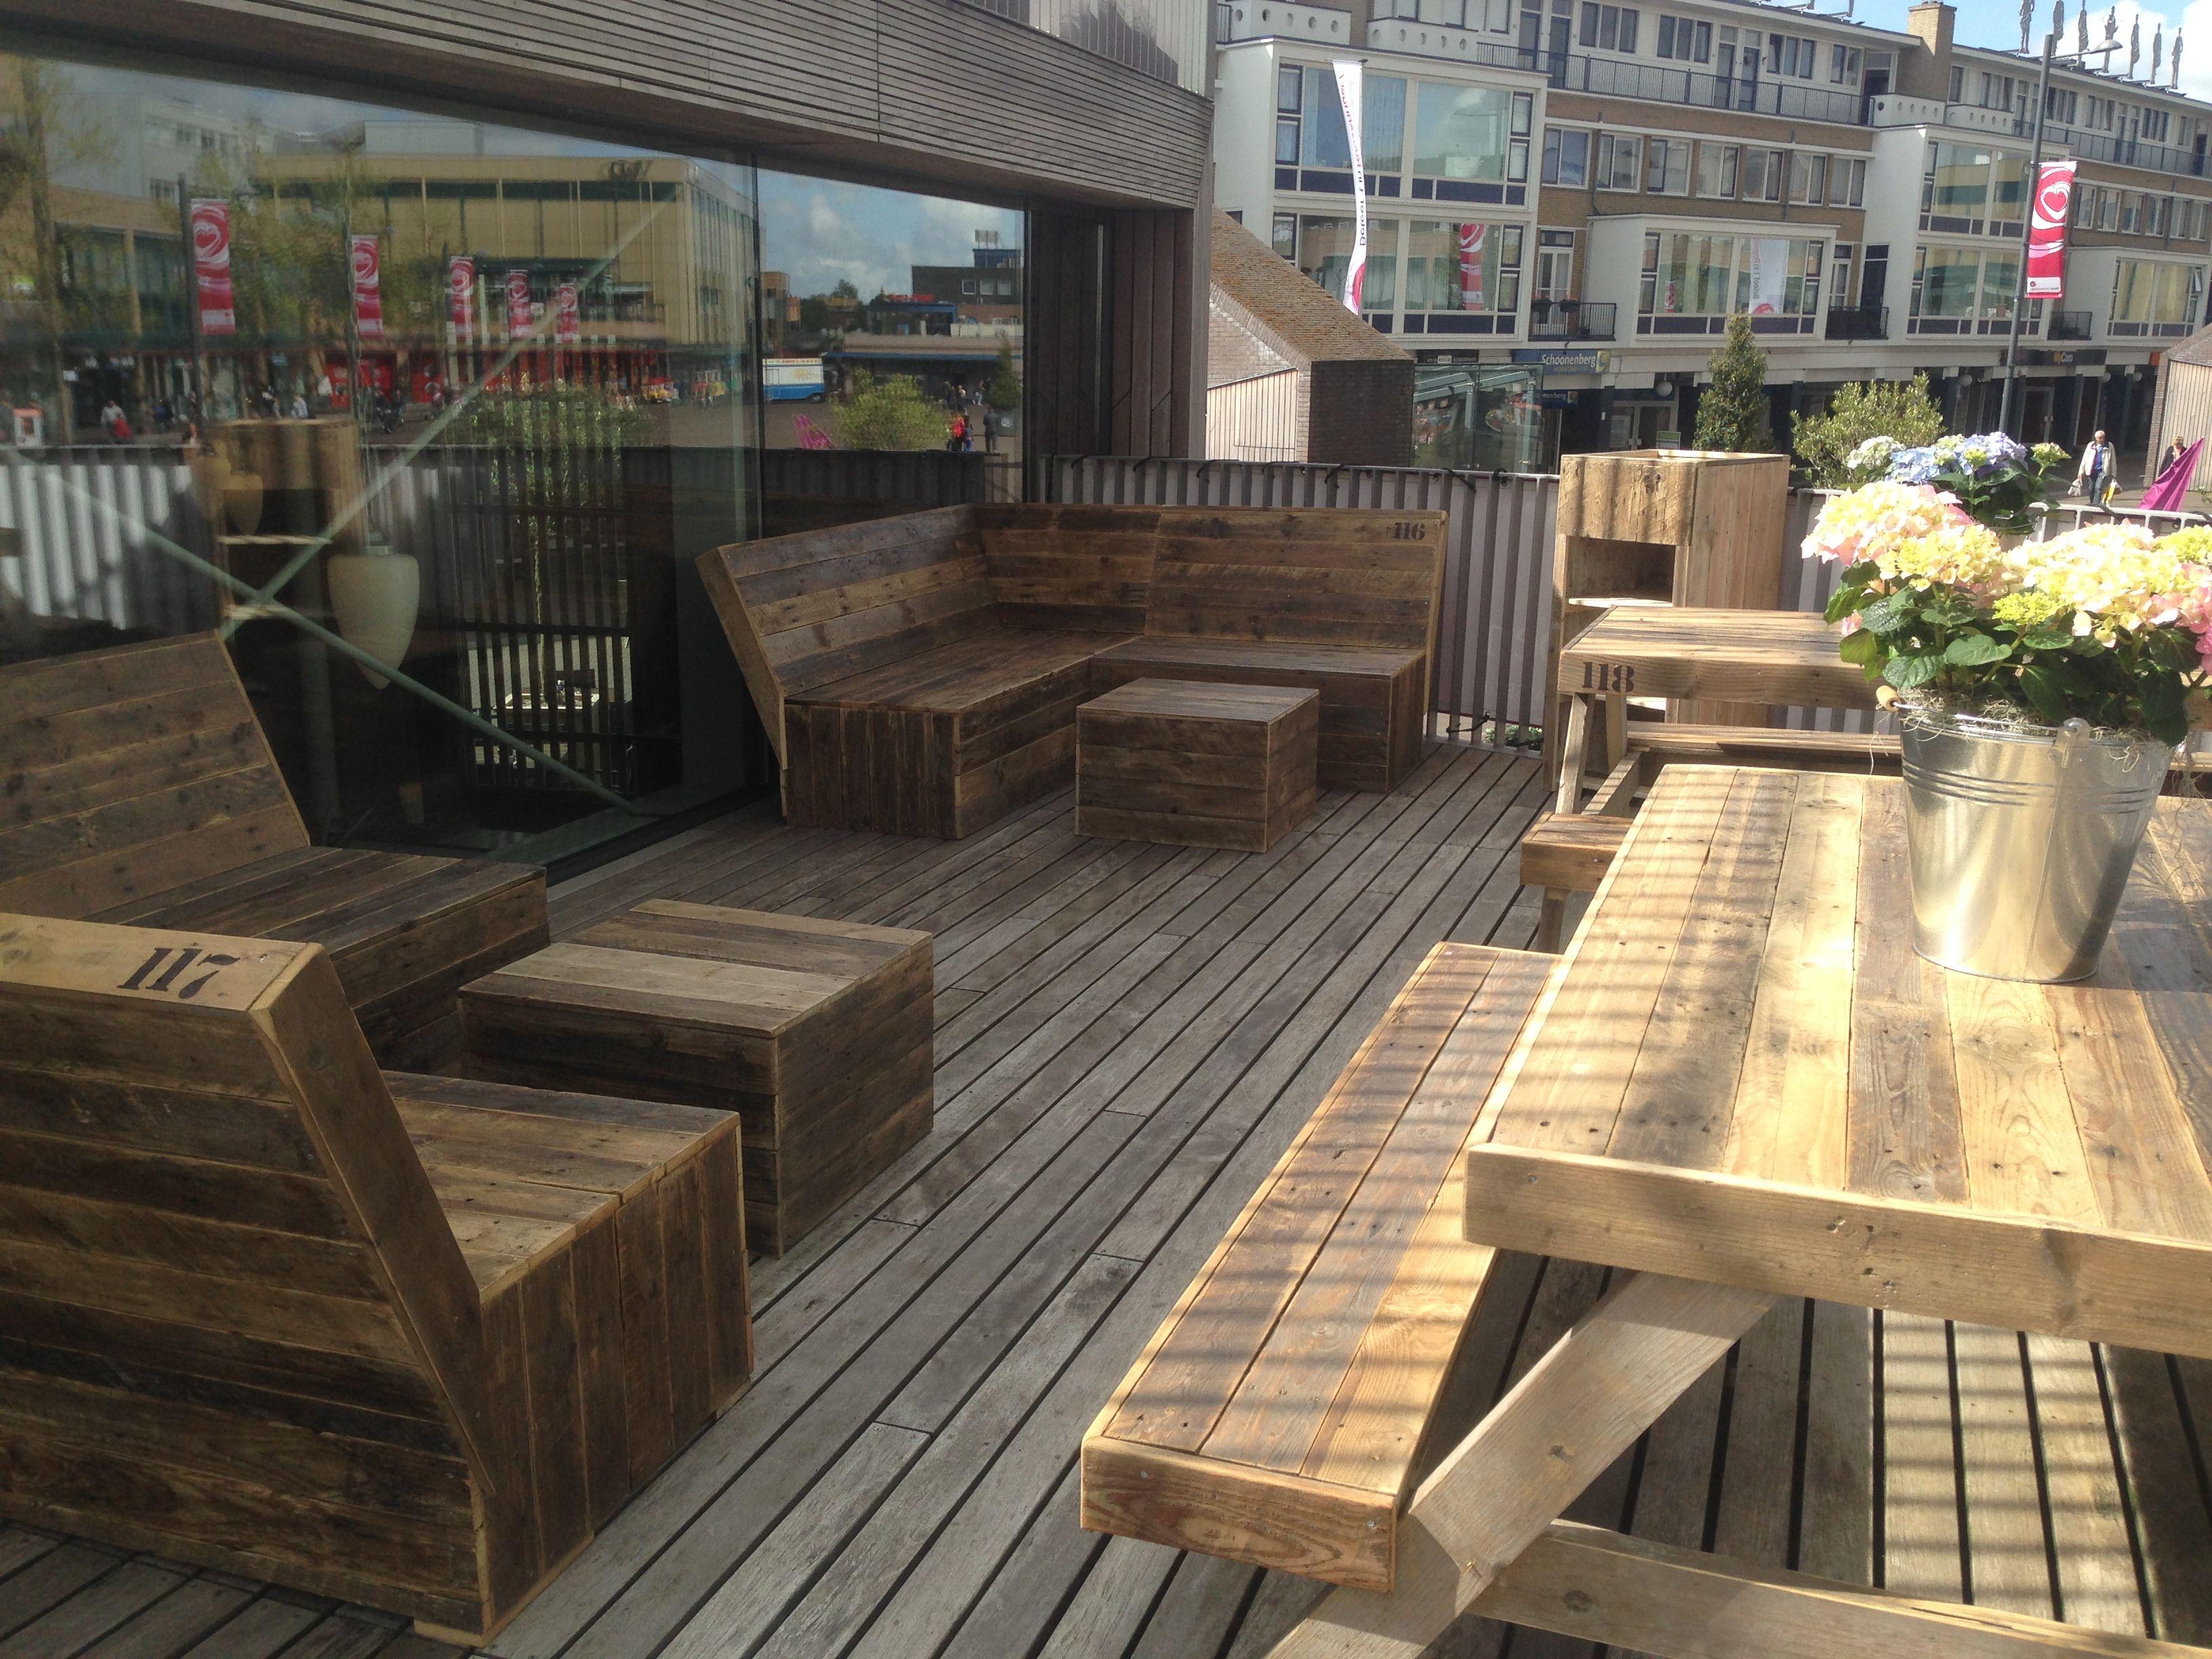 Het buiten terras is ready voor de zomer sloophout terras horeca hout lente loungeset - Bank terras hout ...